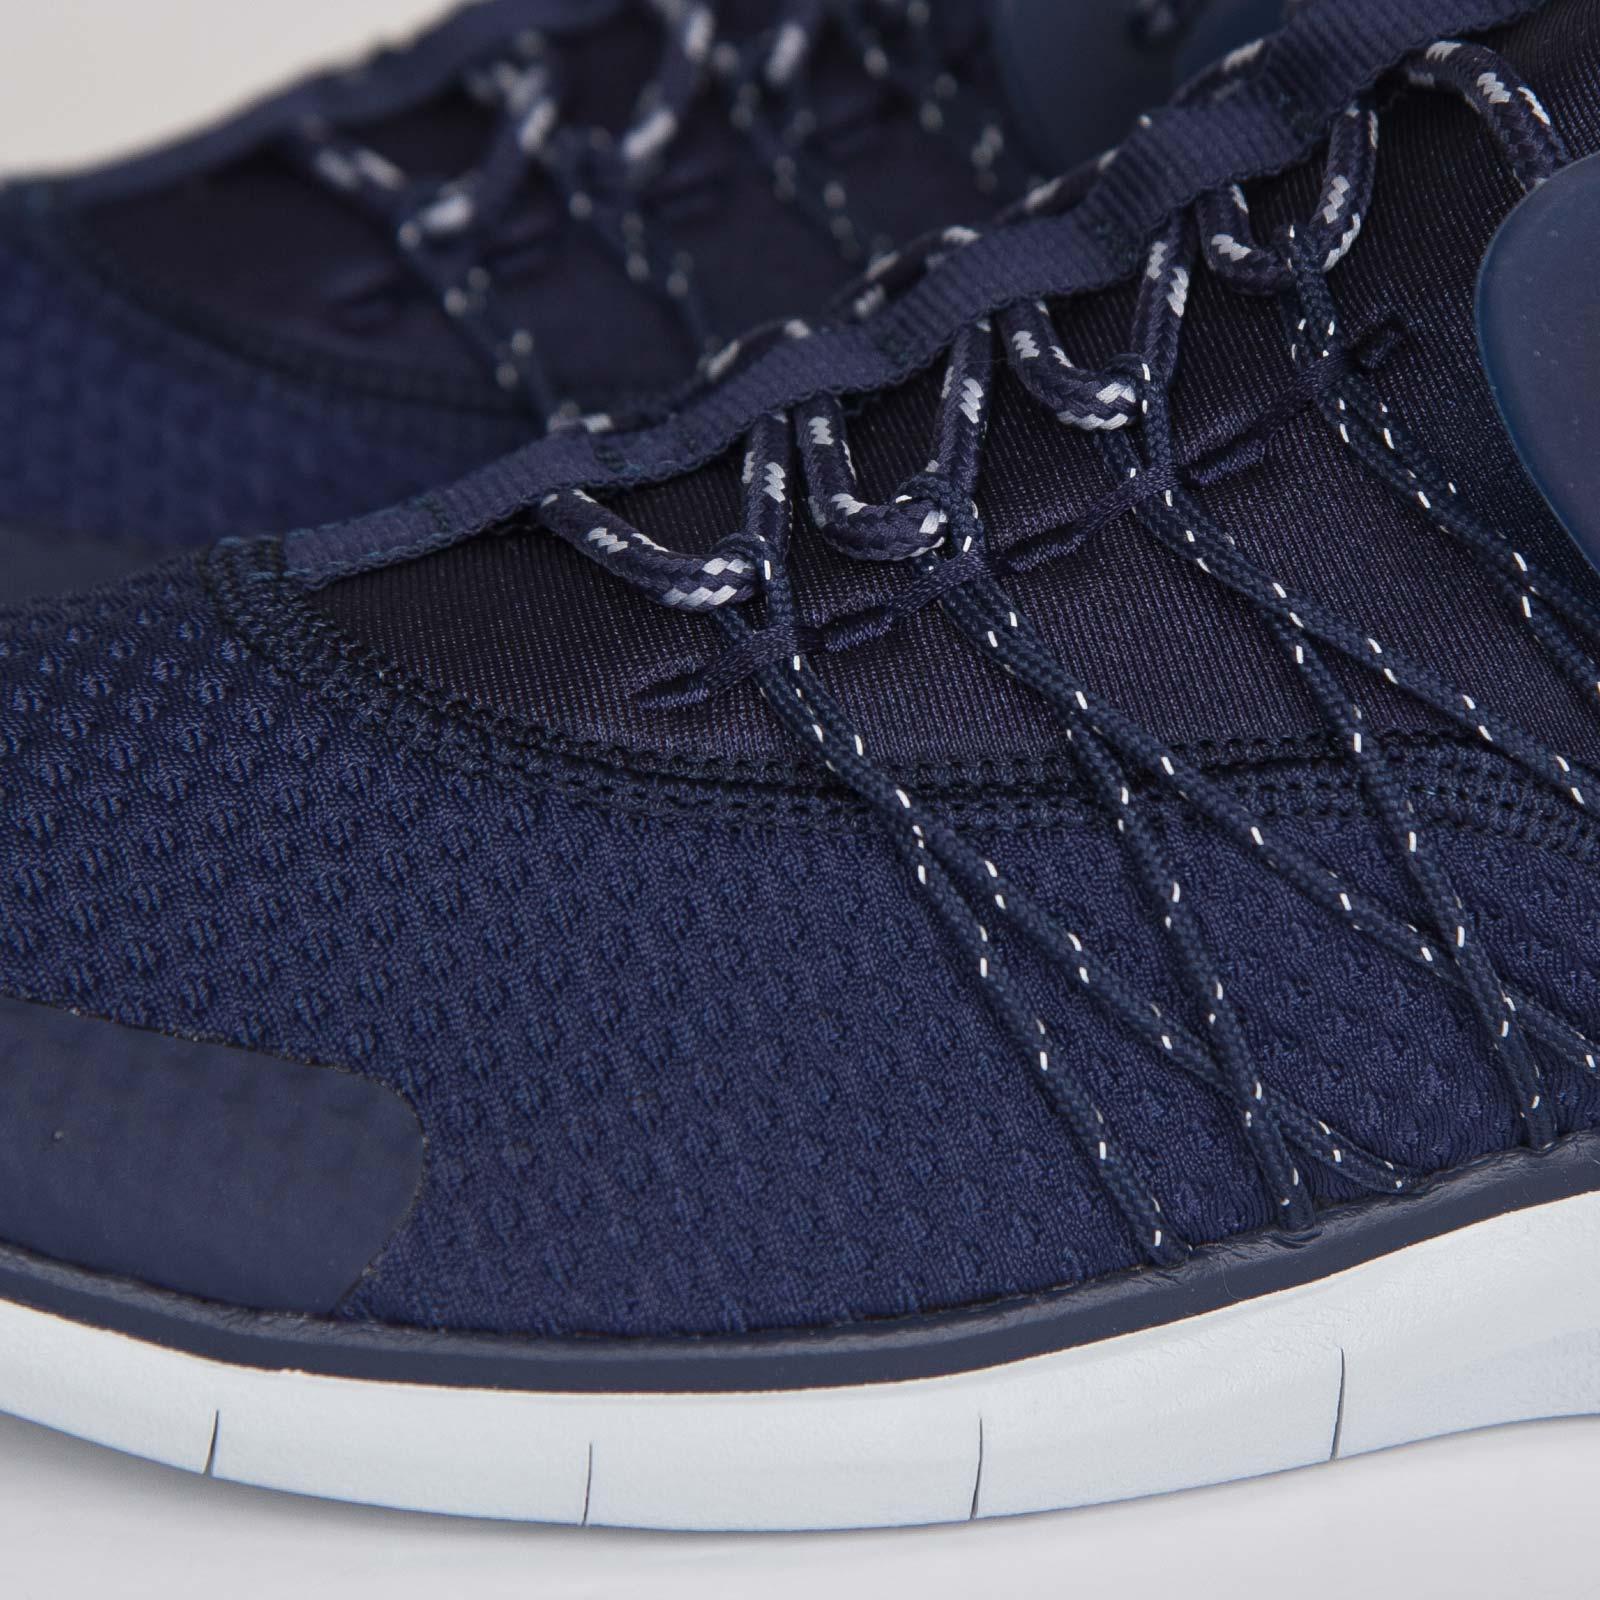 1773d1fbfaf08 Nike Free Viritous - 725060-402 - Sneakersnstuff